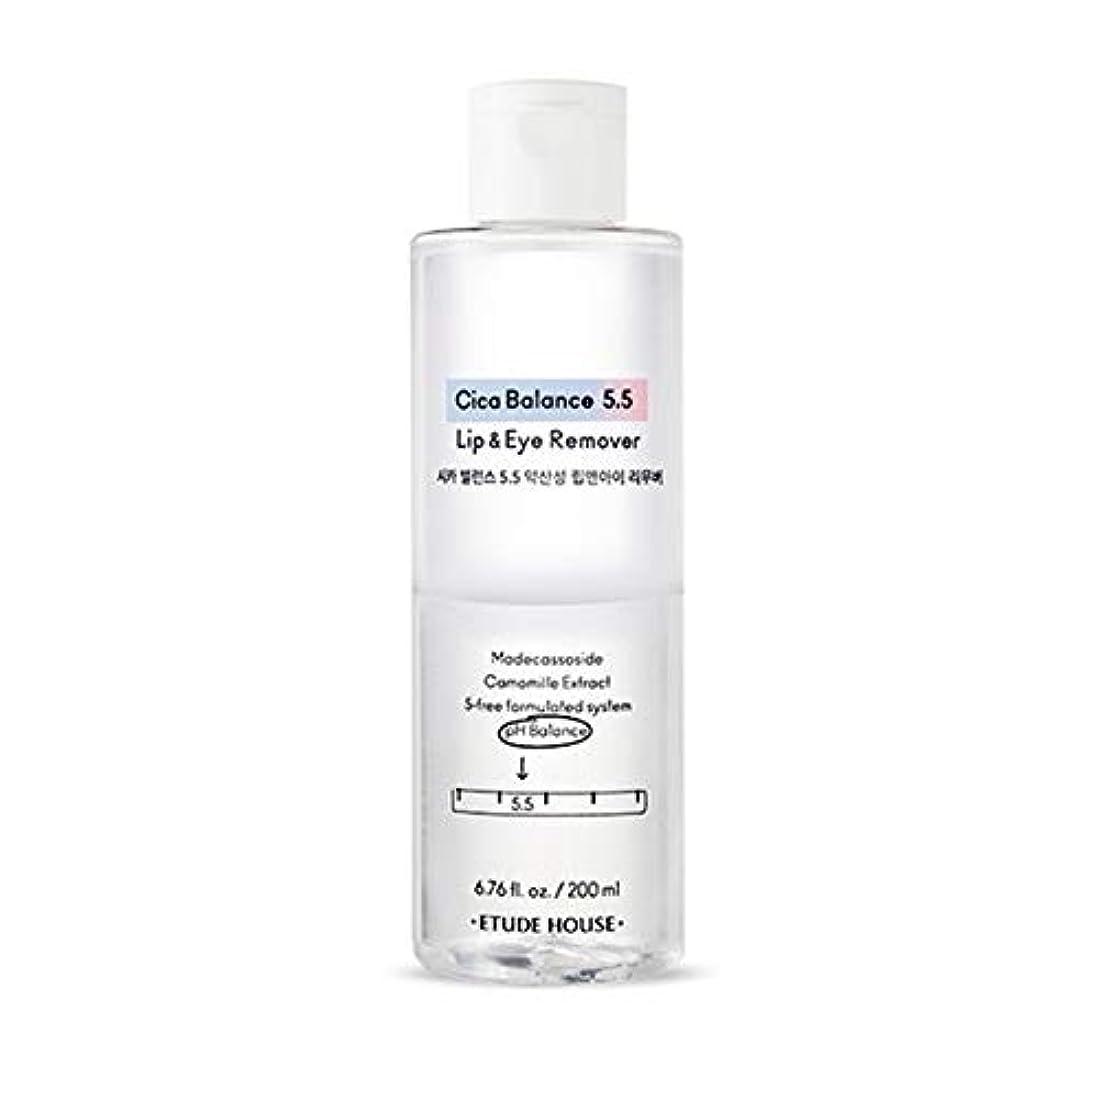 マニュアルチャンピオンシップリゾート[Etude] エチュードハウス Cica Balance 5.5 Lip & Eye Remover シカバランス 5.5 弱酸性リップアンドアイリムーバー(メイク落とし)200ml - Makeup Remover...